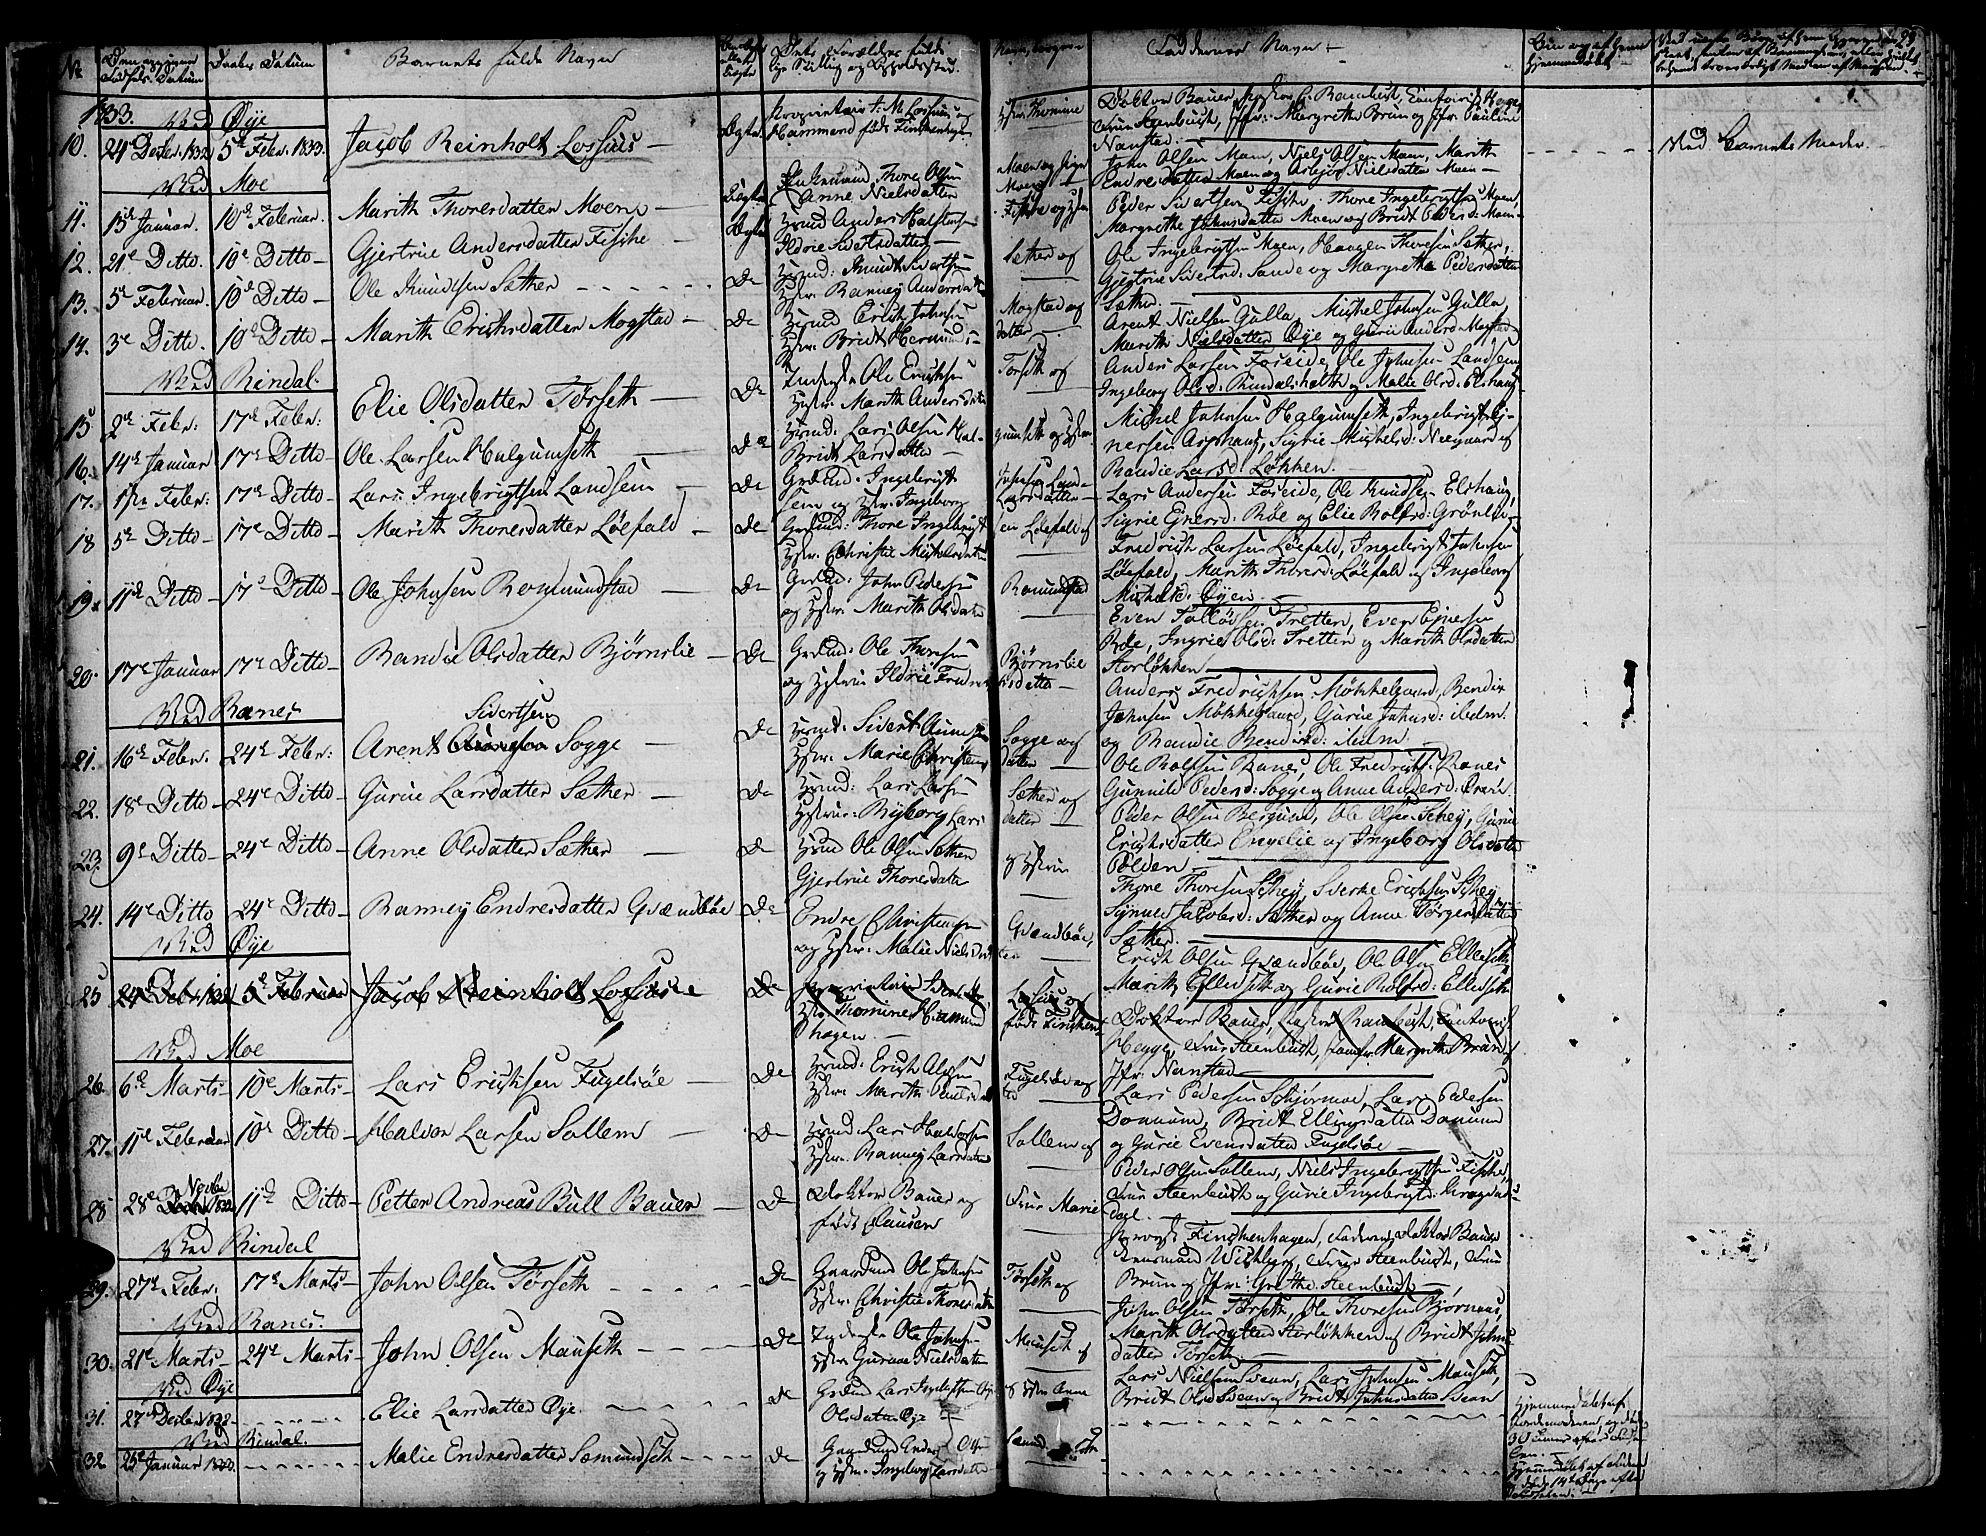 SAT, Ministerialprotokoller, klokkerbøker og fødselsregistre - Møre og Romsdal, 595/L1042: Ministerialbok nr. 595A04, 1829-1843, s. 23